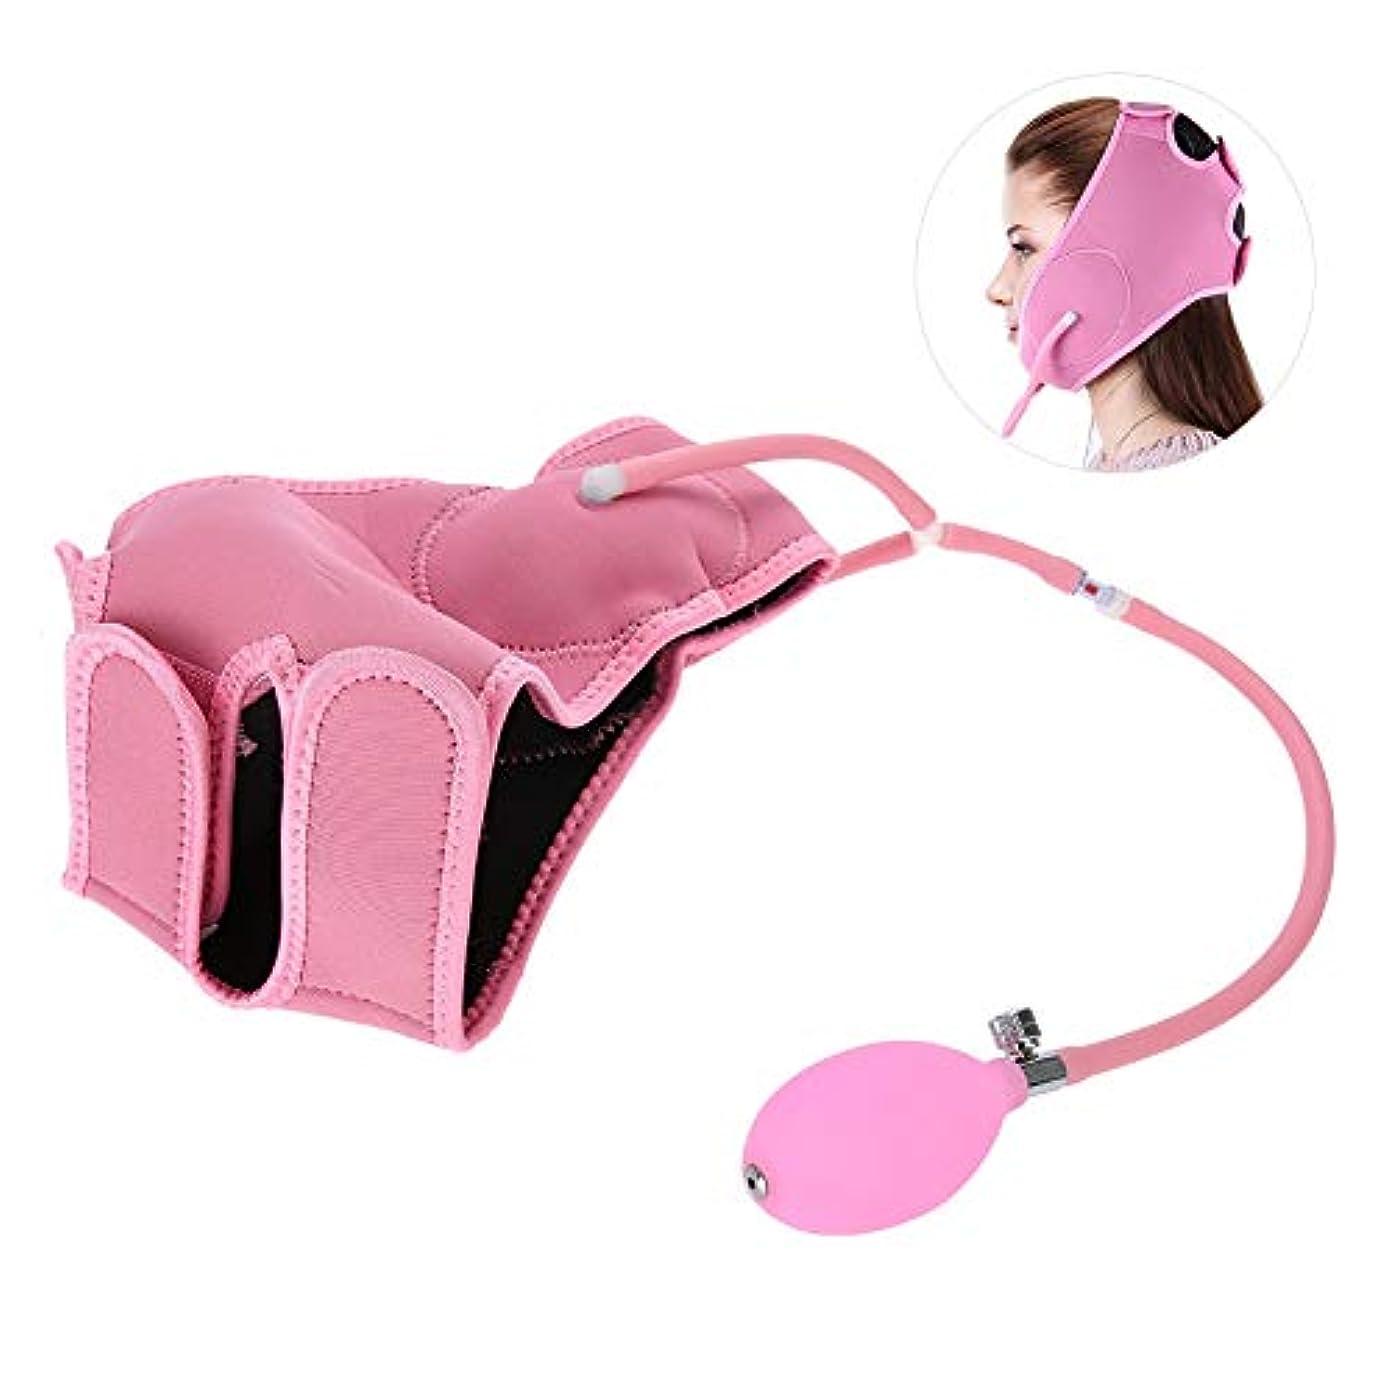 データベース自発効能あるエアバッグ、美顔術および細くおよび顔の持ち上がることのための是正包帯が付いている顔の修正マスク